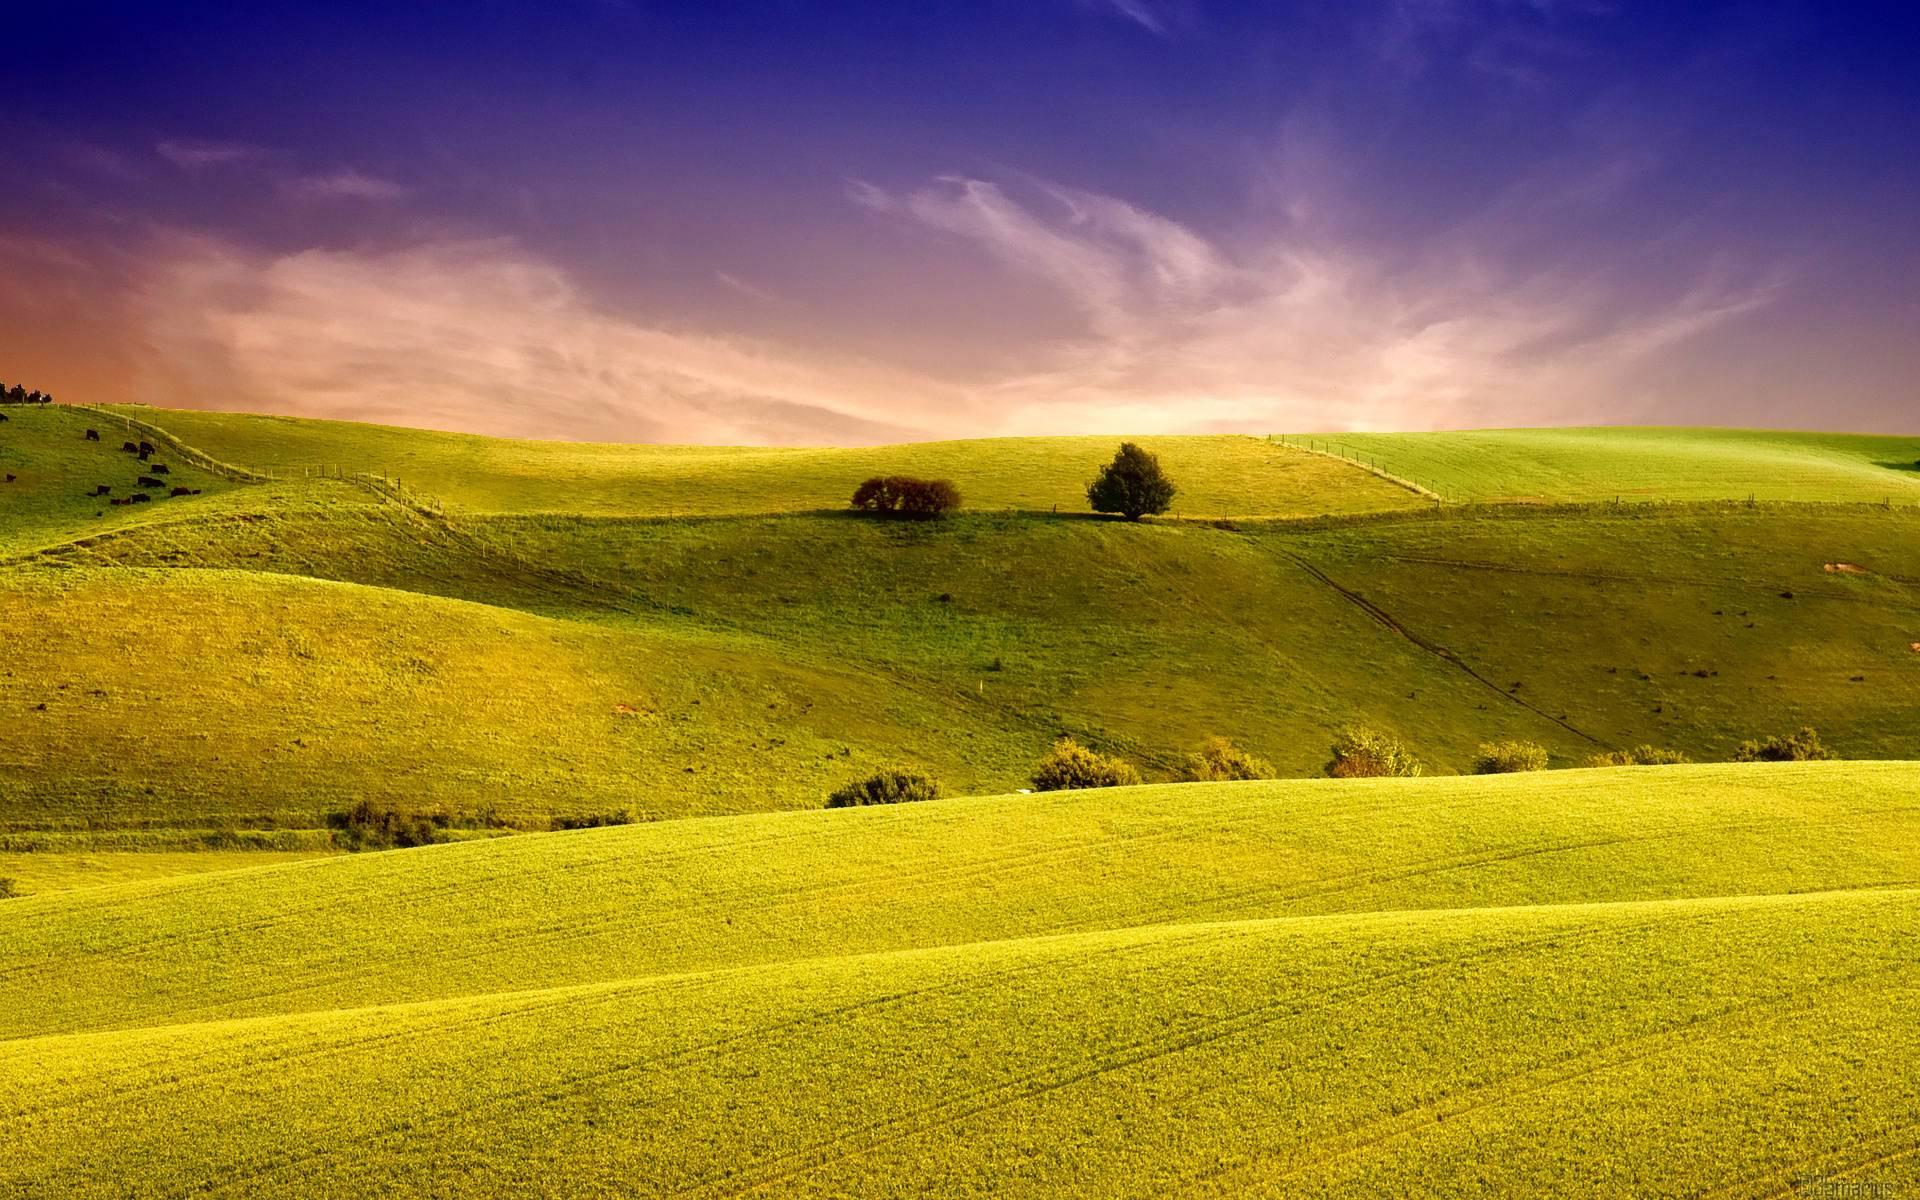 Amazing Field Wallpaper